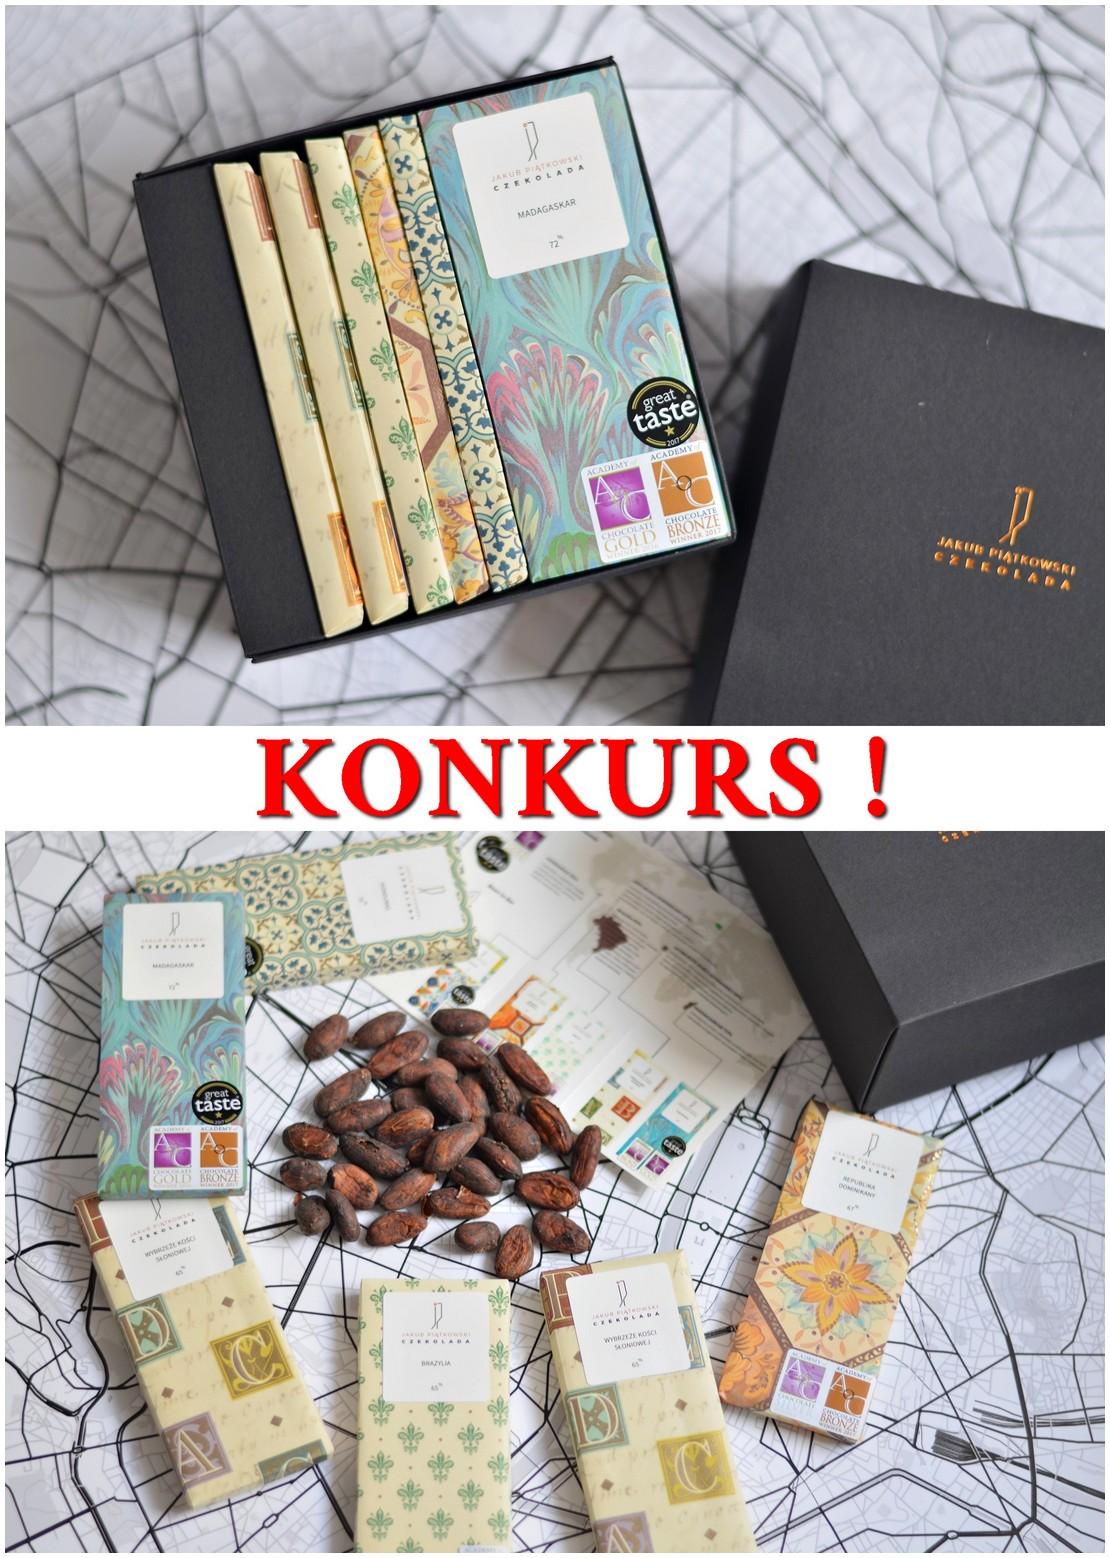 Konkurs! Wygraj BOX czekolad - Jakub Piątkowski Czekolada